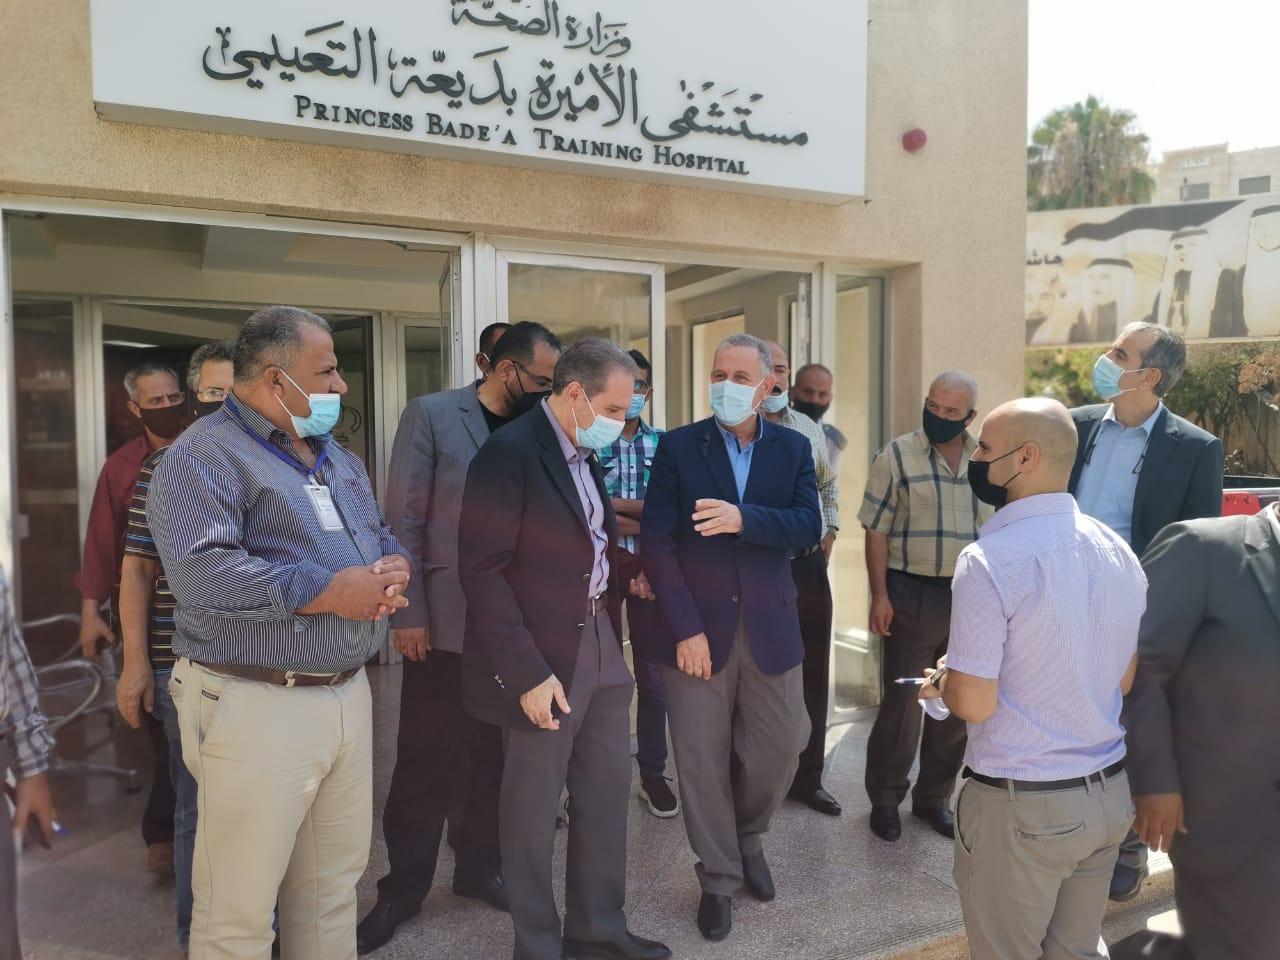 وزير الصحة يتفقد واقع الخدمات المقدمة للمواطنين بمستشفيات في إربد